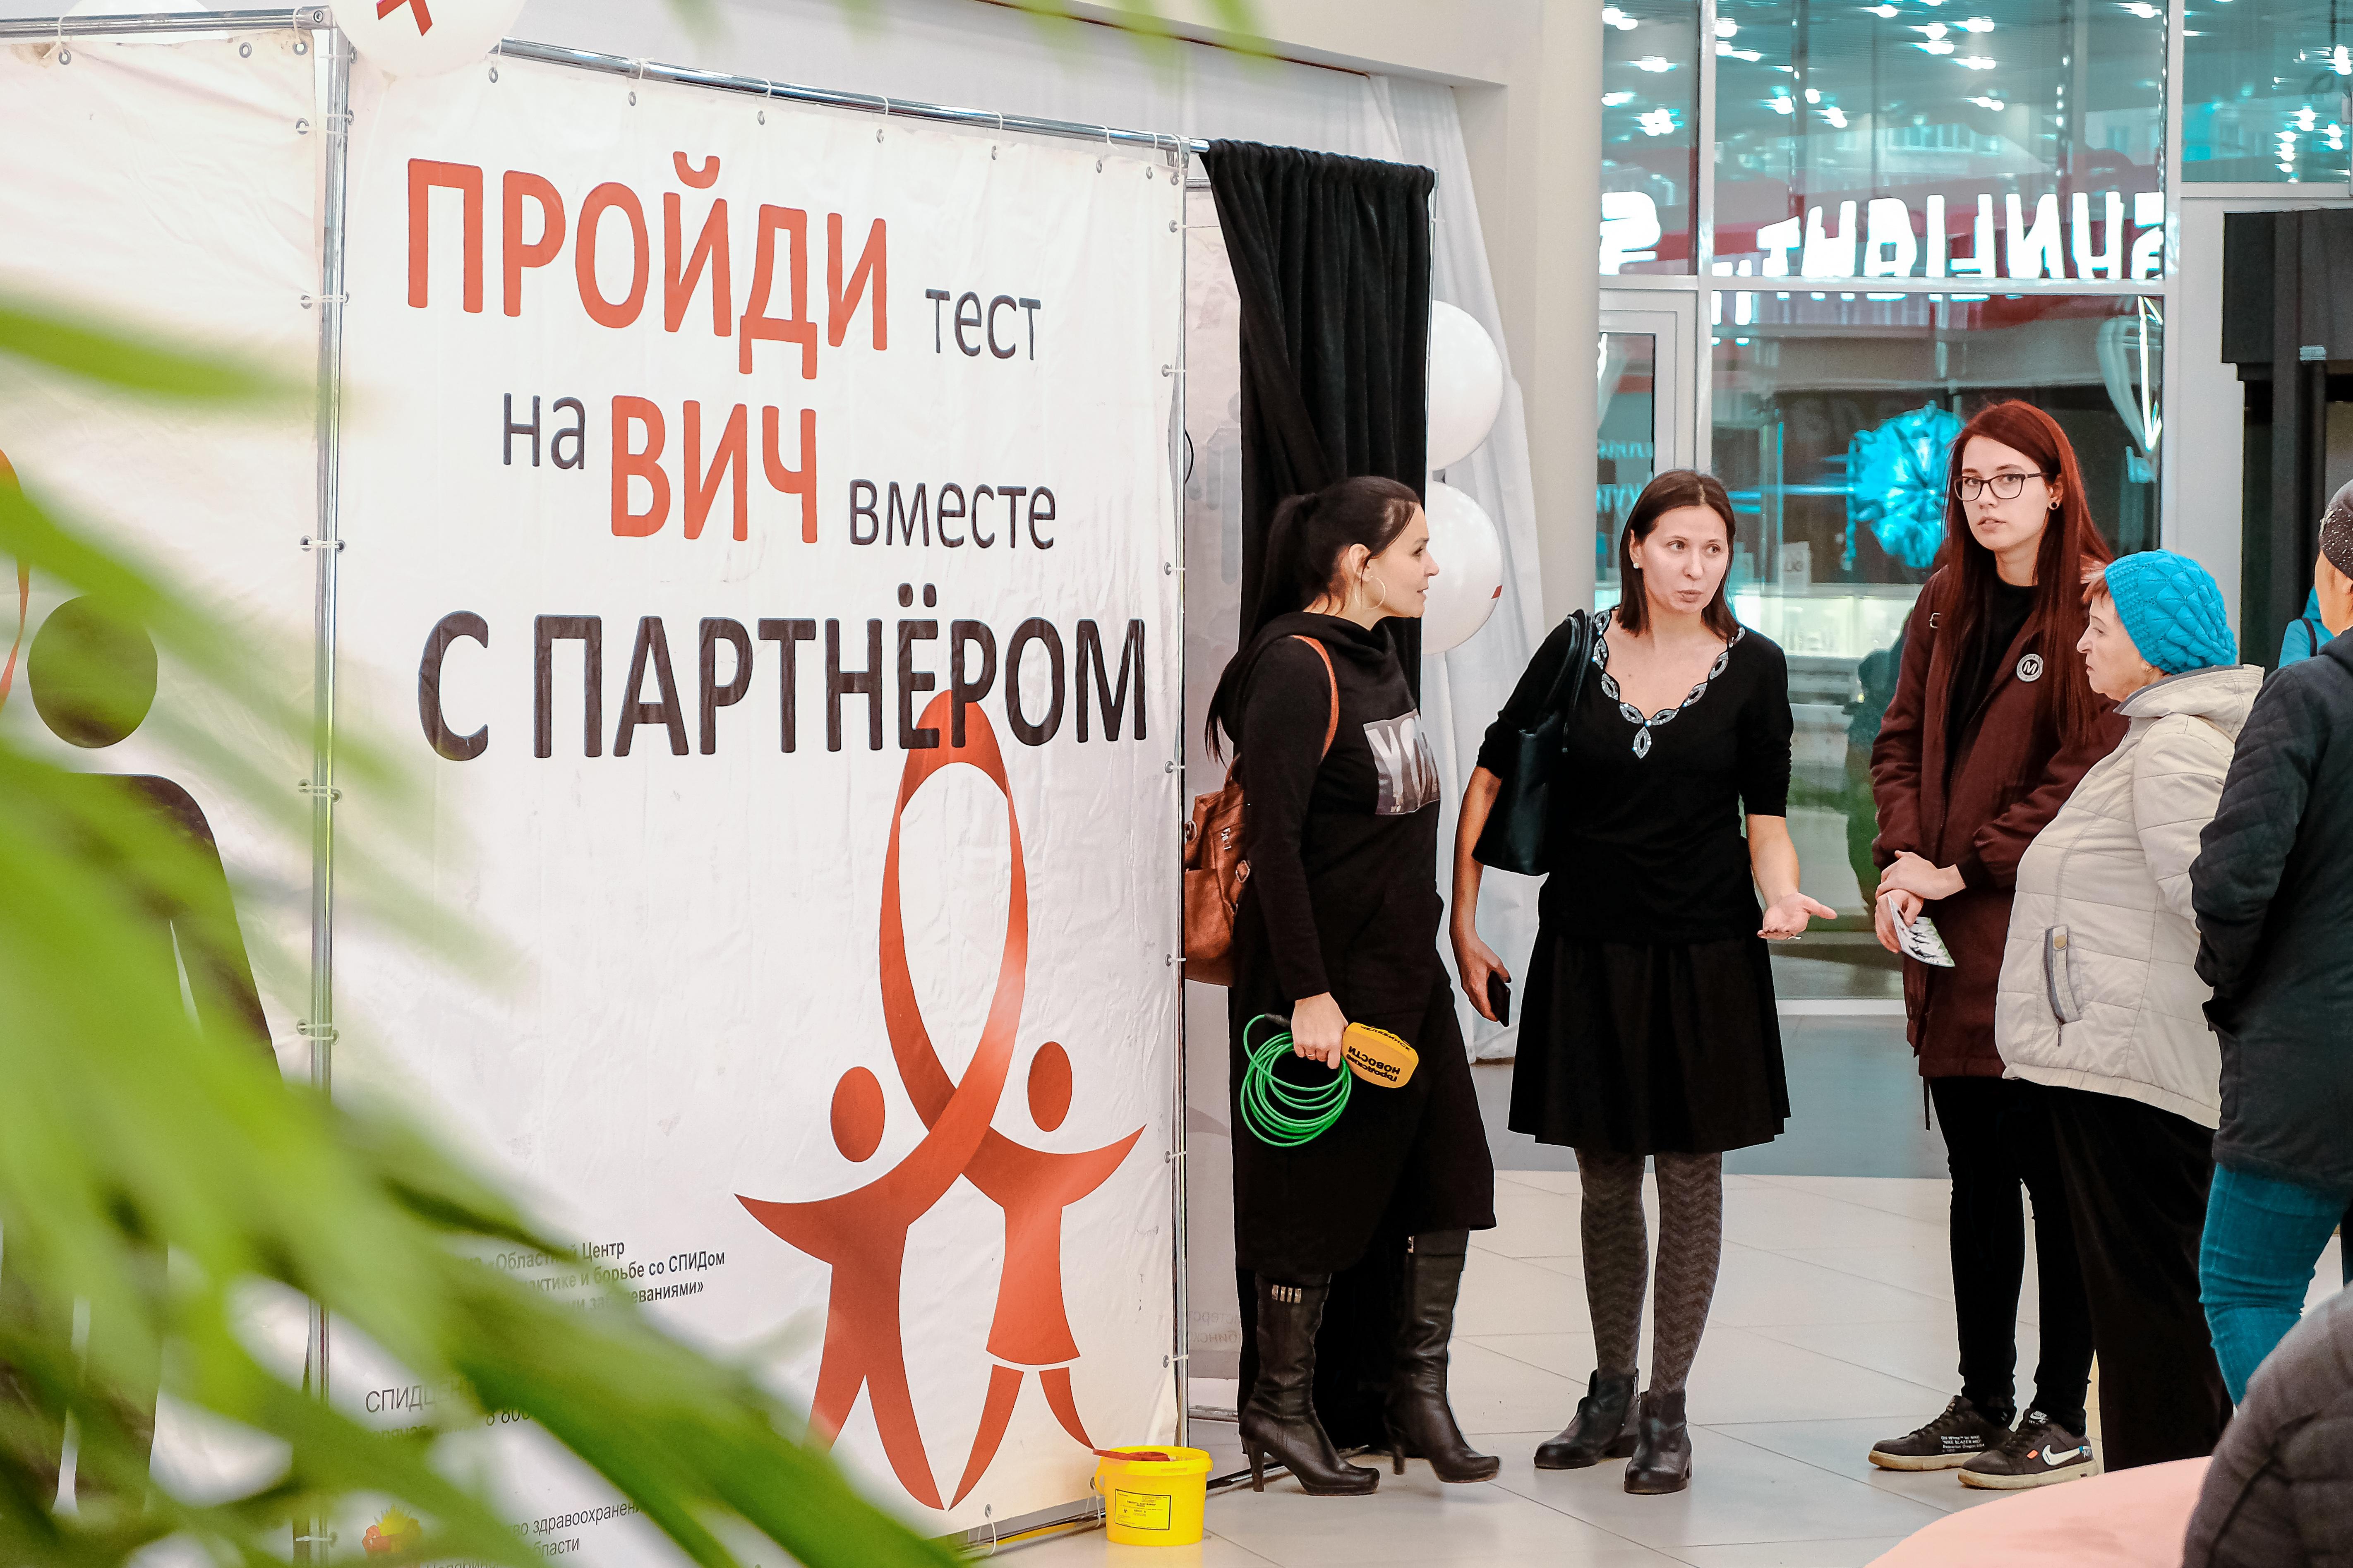 За прошедшие три дня тестирование на ВИЧ в торговых комплексах прошли 370 южноуральцев